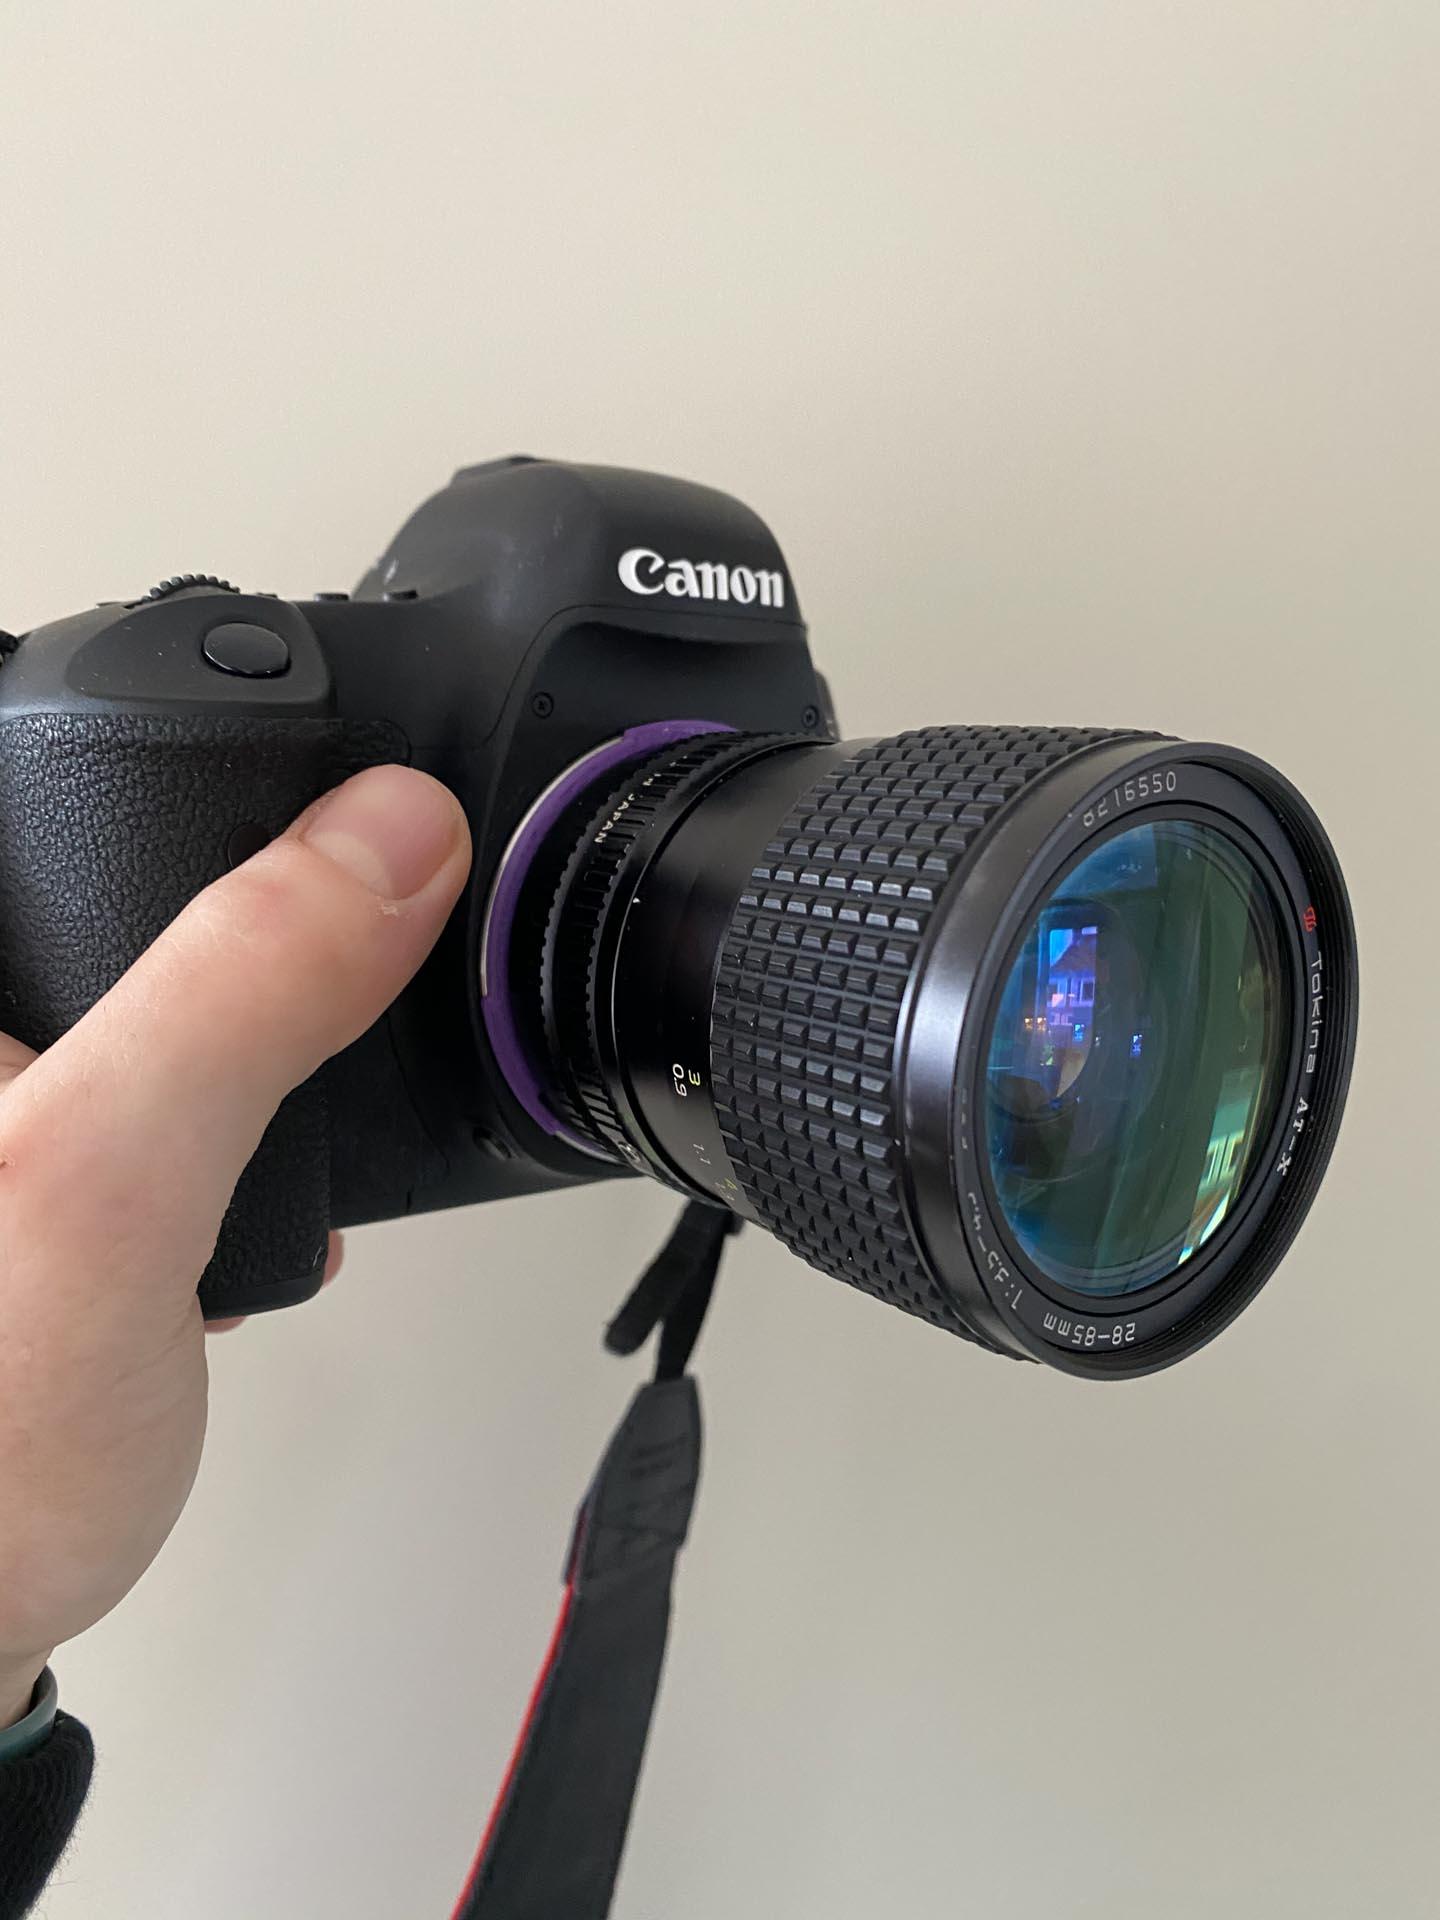 Camera-onderdelen 3D printen